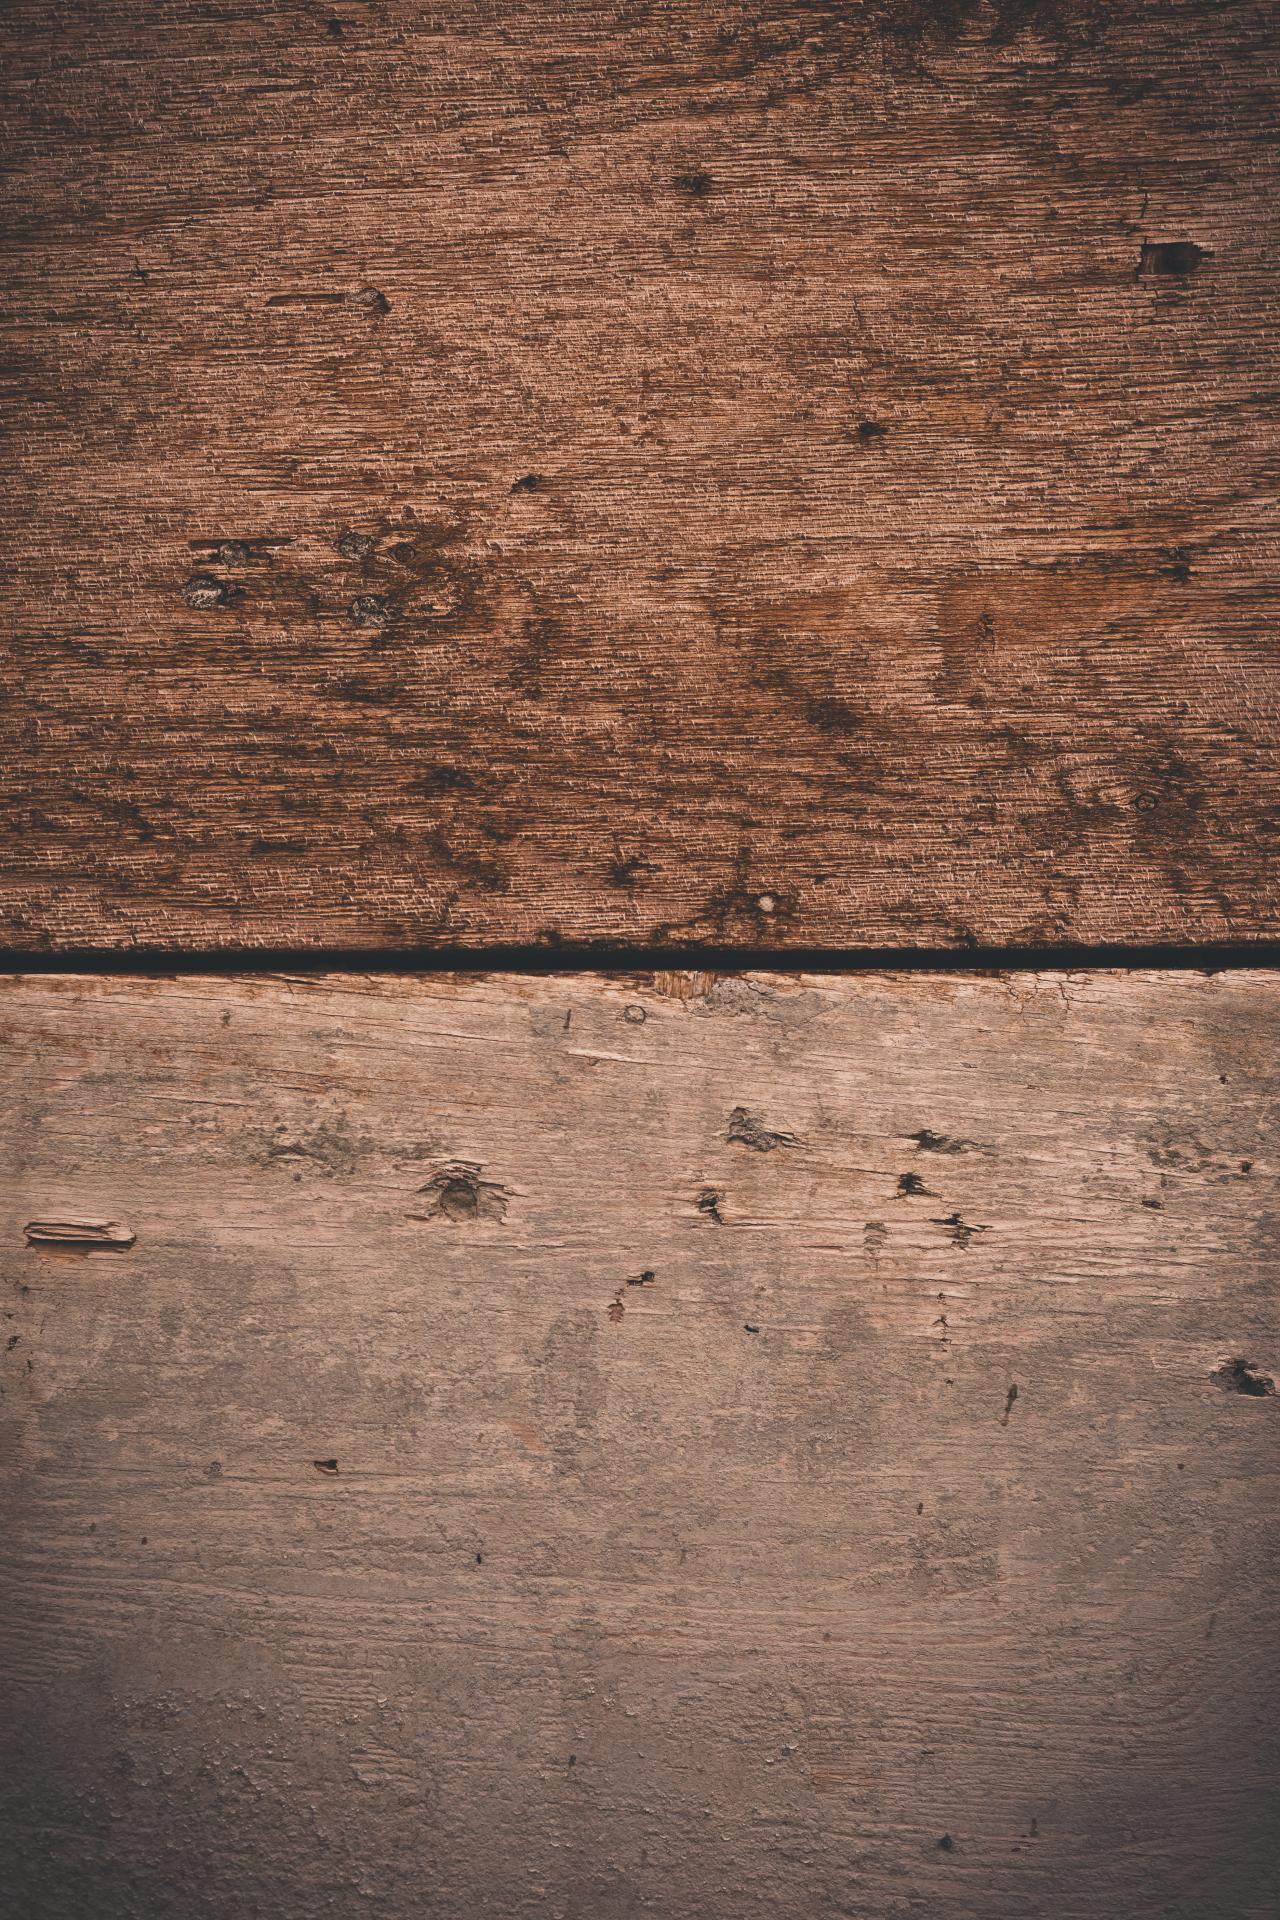 Grunge Wooden Texture, wood, tree, wooden, worn, HQ Photo